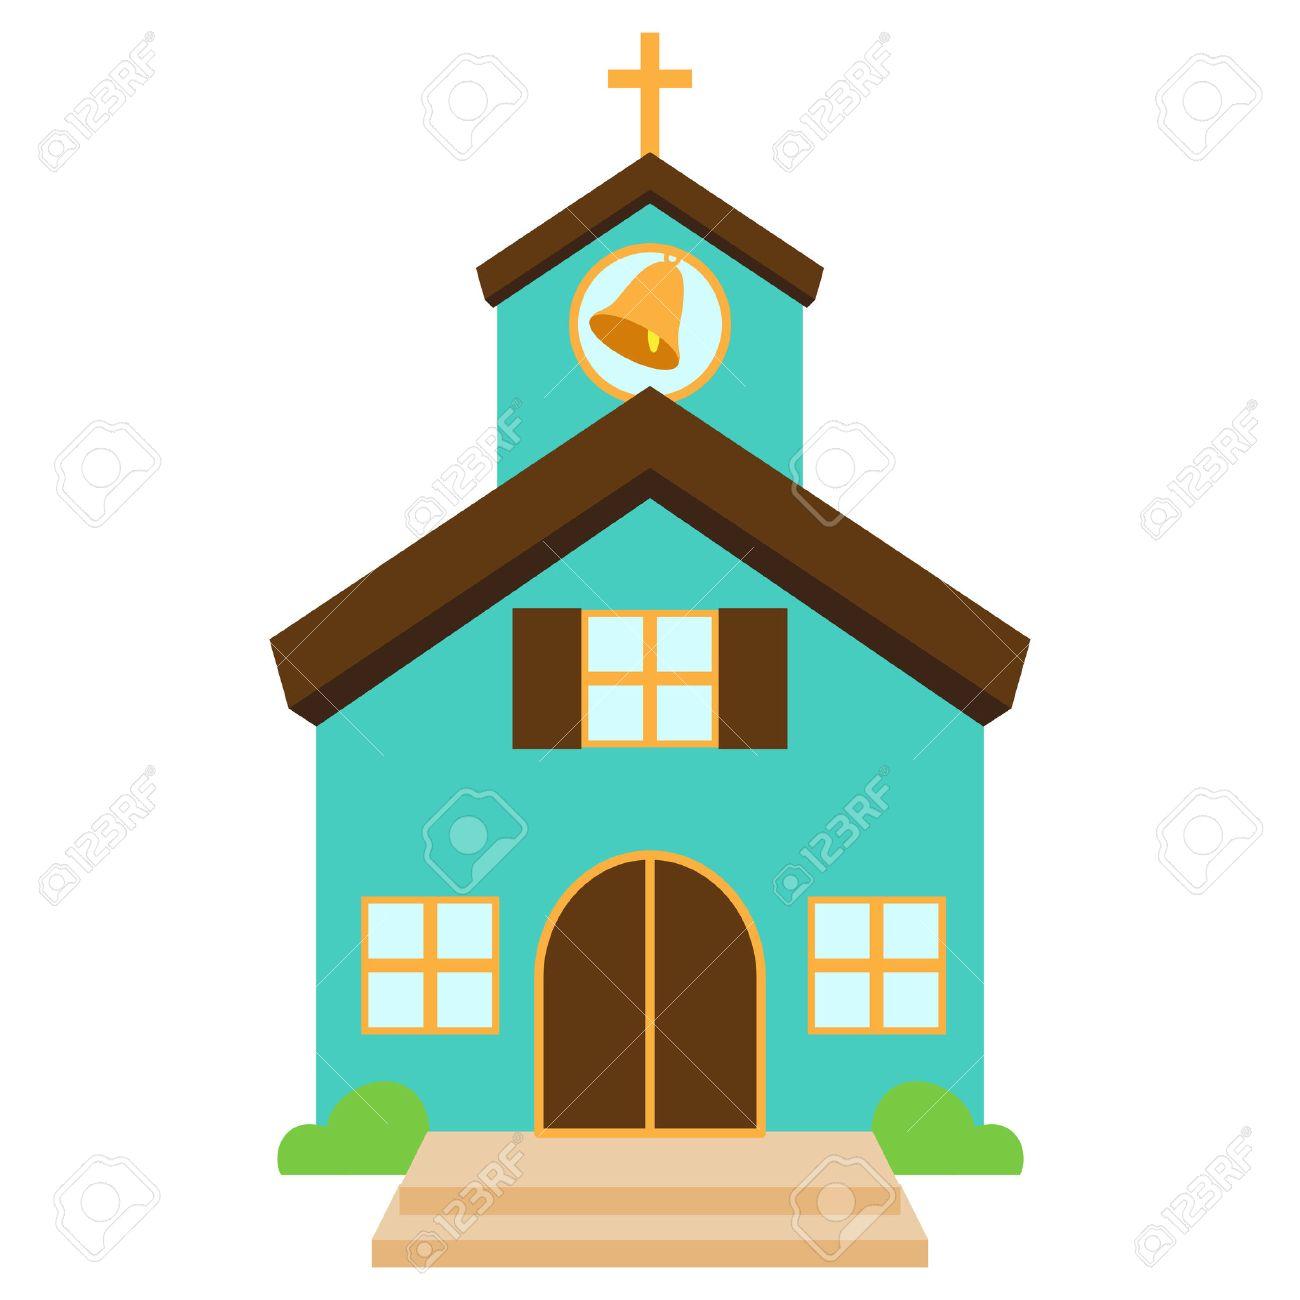 かわいい教会またはチャペルのベクトル イラストのイラスト素材ベクタ